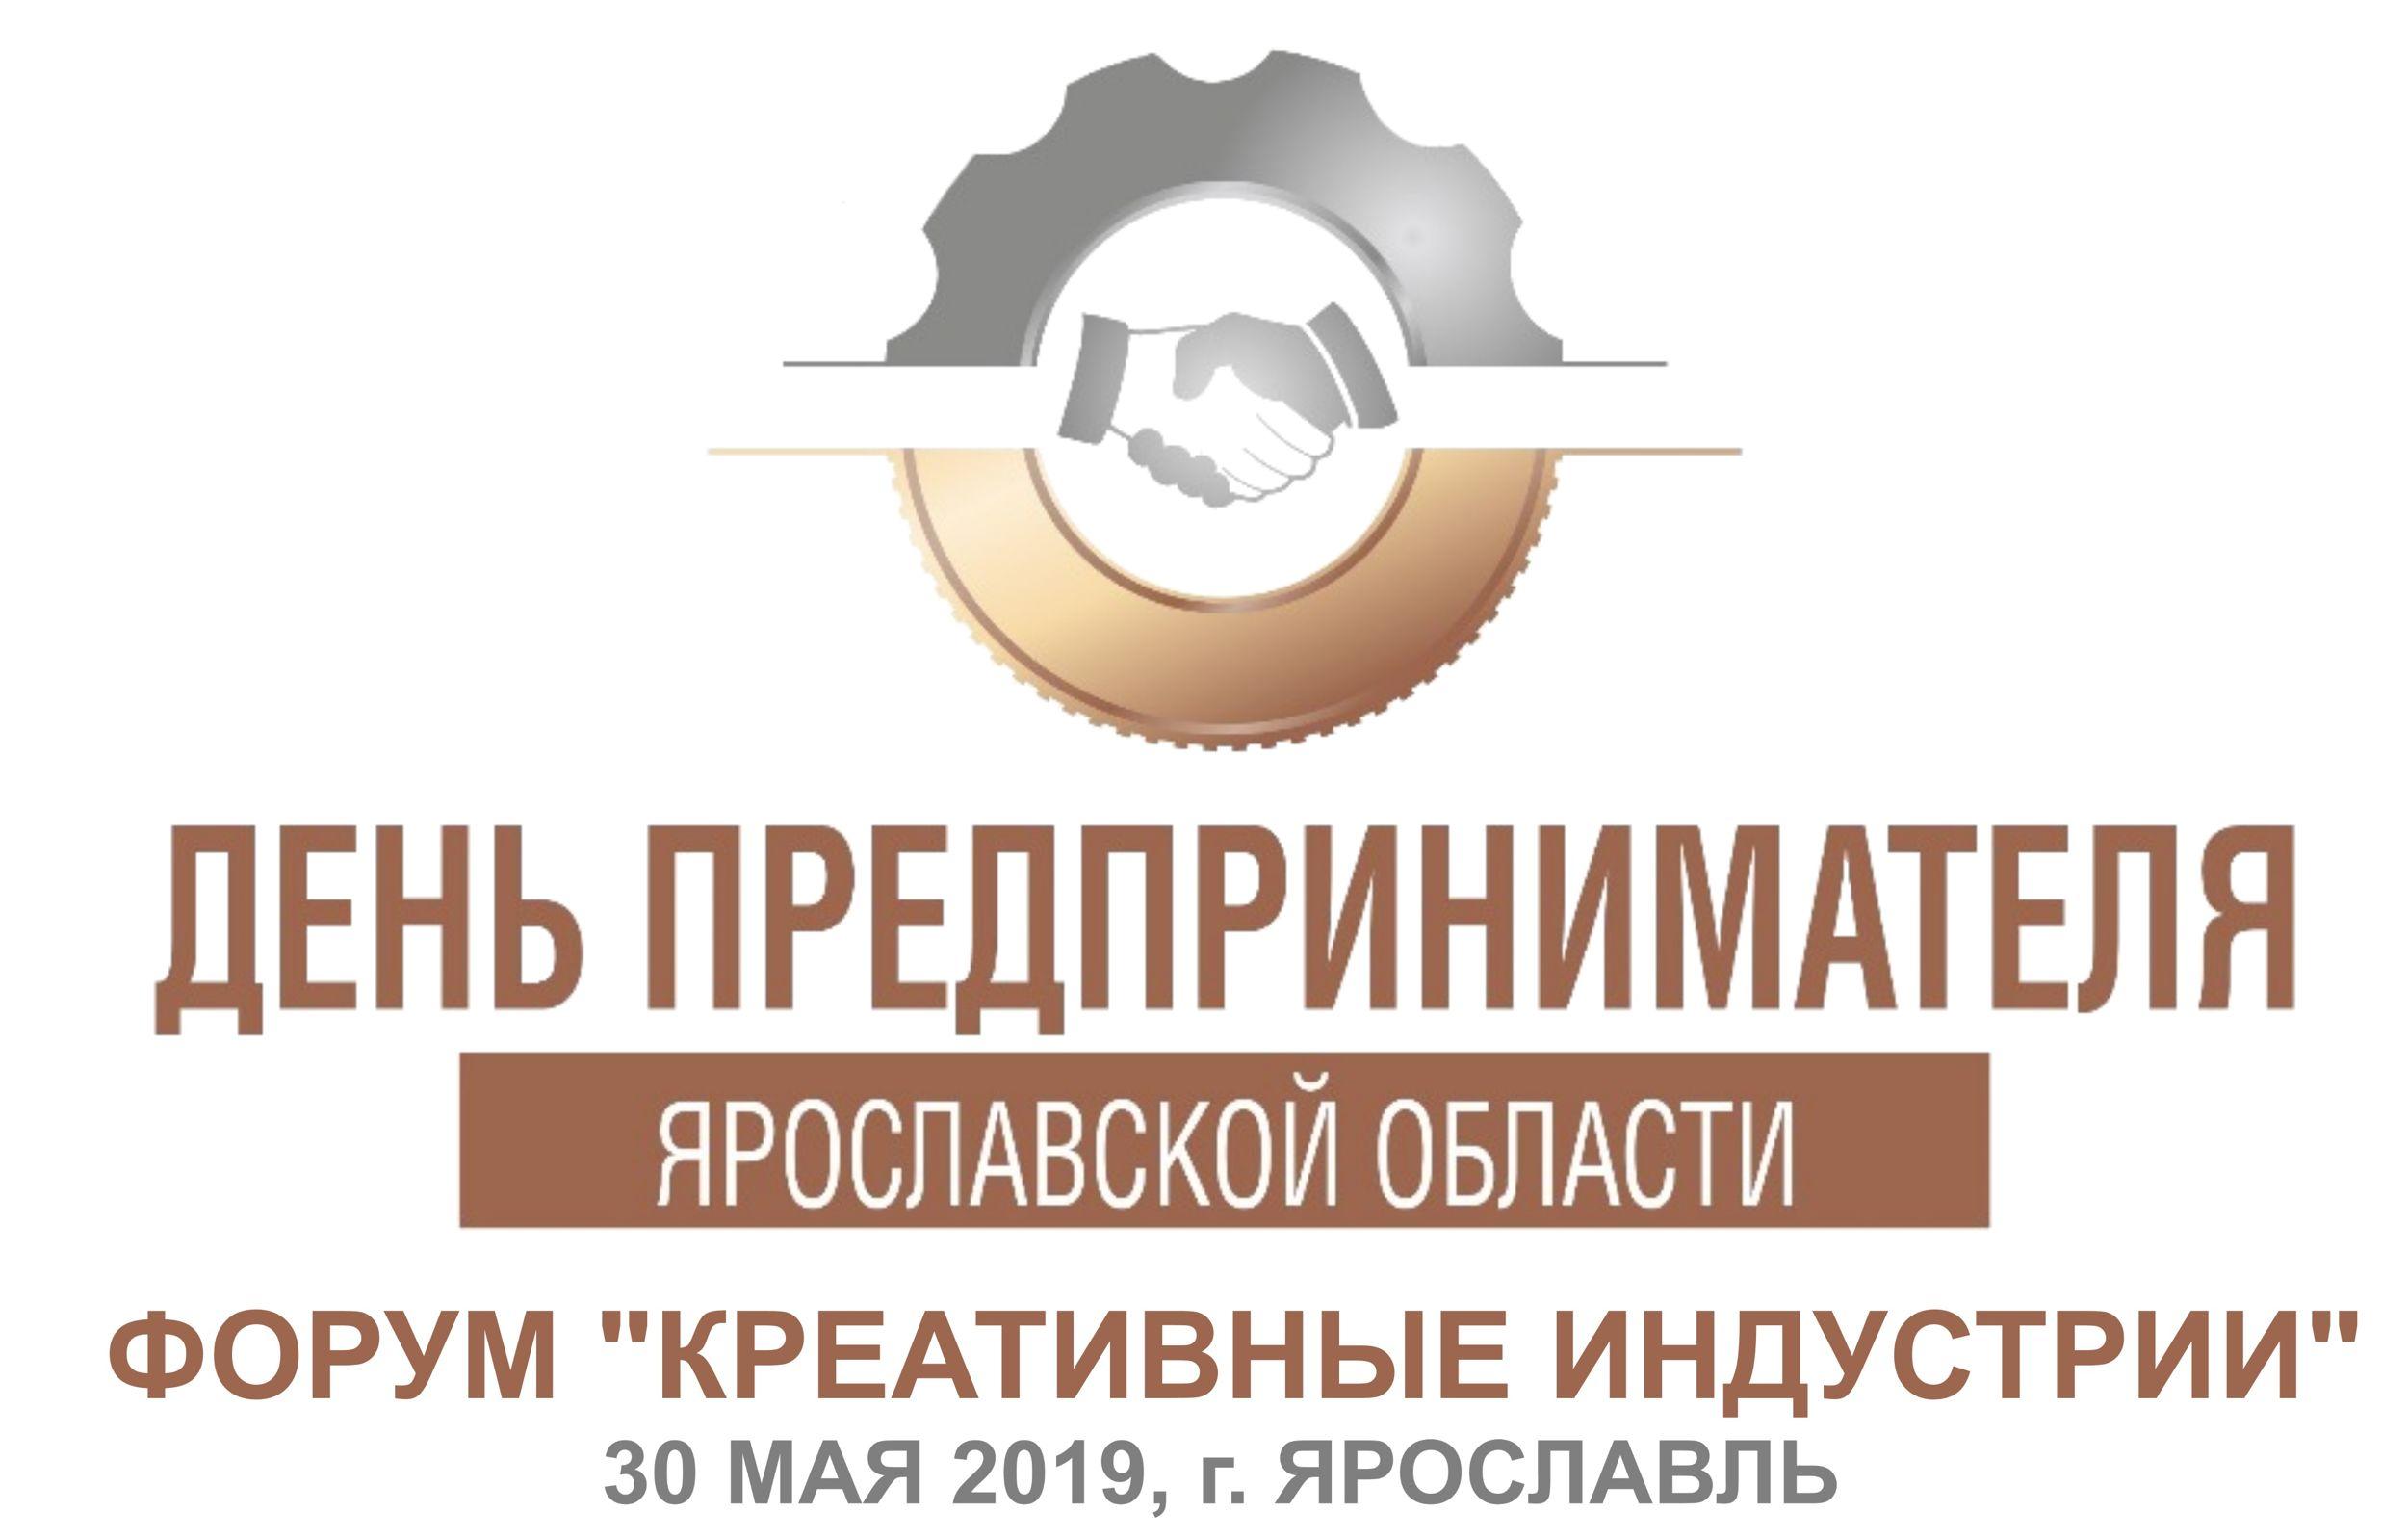 В Ярославле пройдет международный форум «Креативные индустрии»